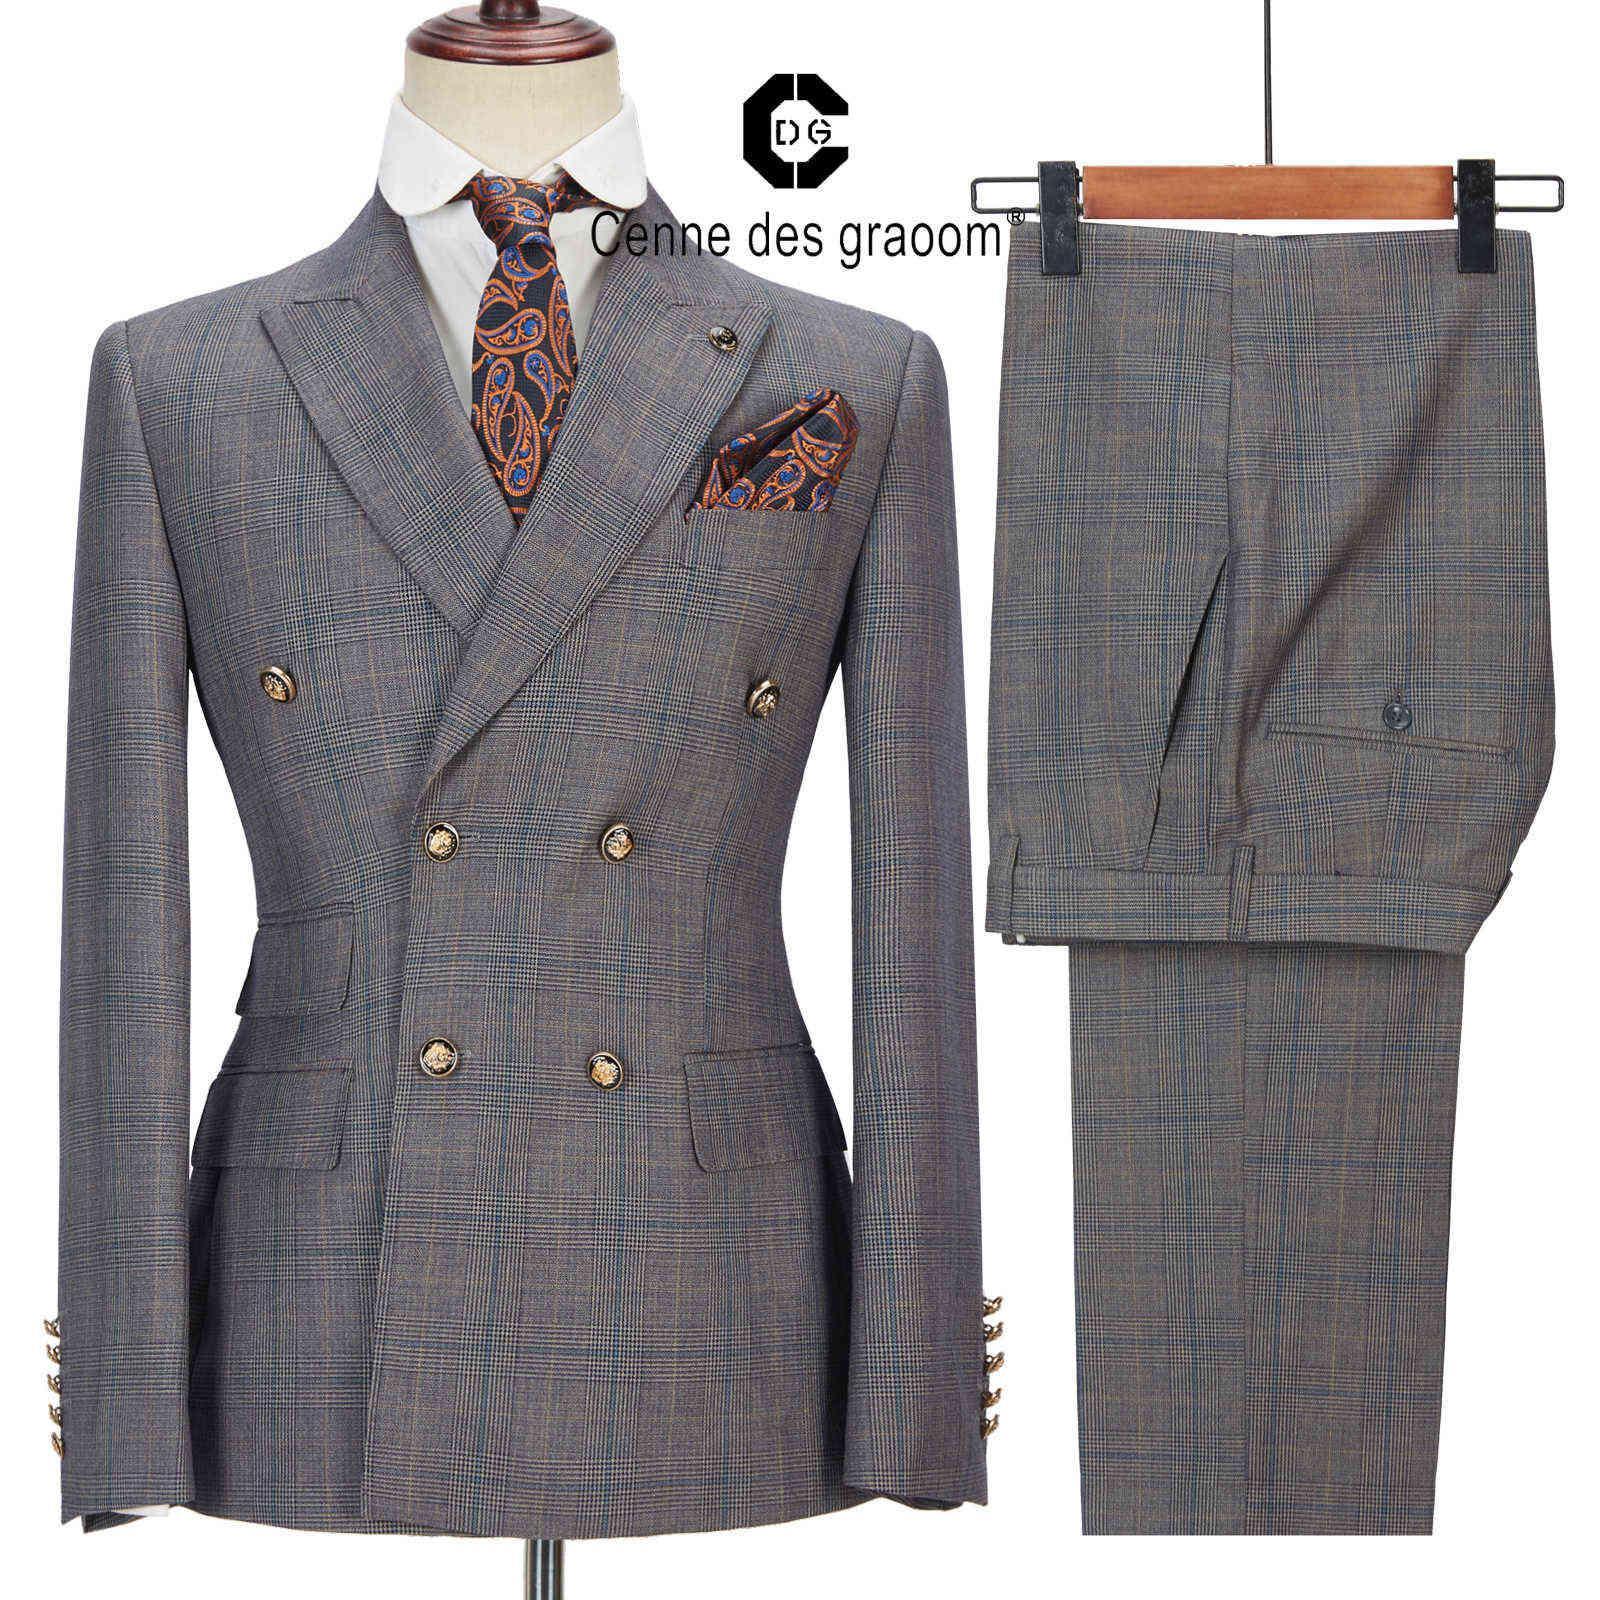 CENNE DES Graoom Yeni Erkekler Takım Elbise Terzi-Made Ekose Kruvaze 2 Parça Blazer Pantolon Slim Fit Düğün Şarkıcı Kostüm Homme X0909